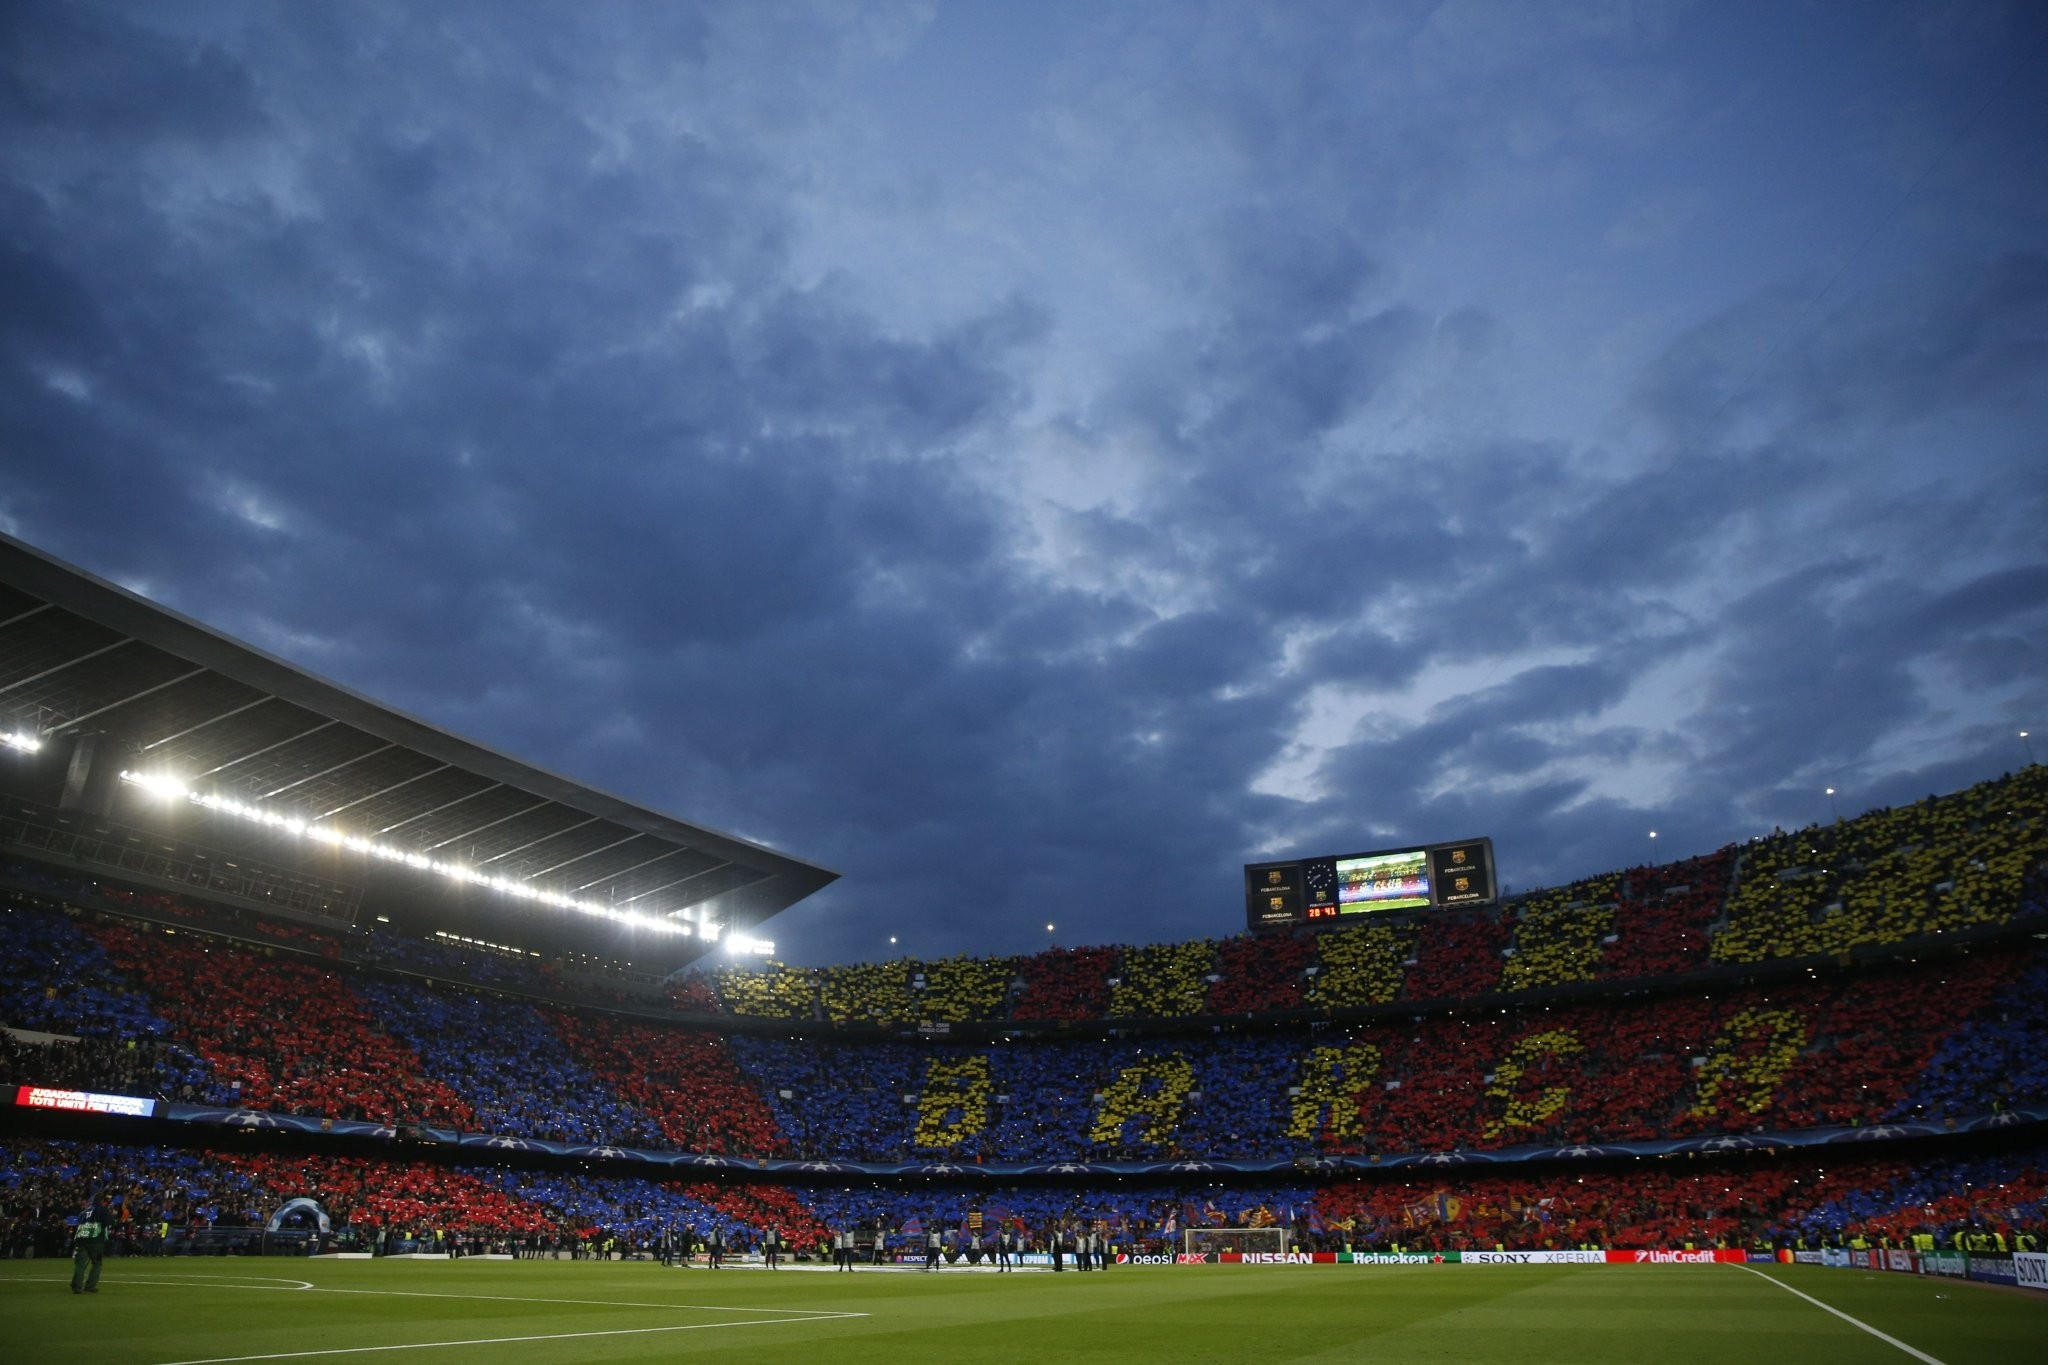 Fondos De Pantalla Camp Nou España El Fc Barcelona: Camp Nou Wallpaper (79+ Images